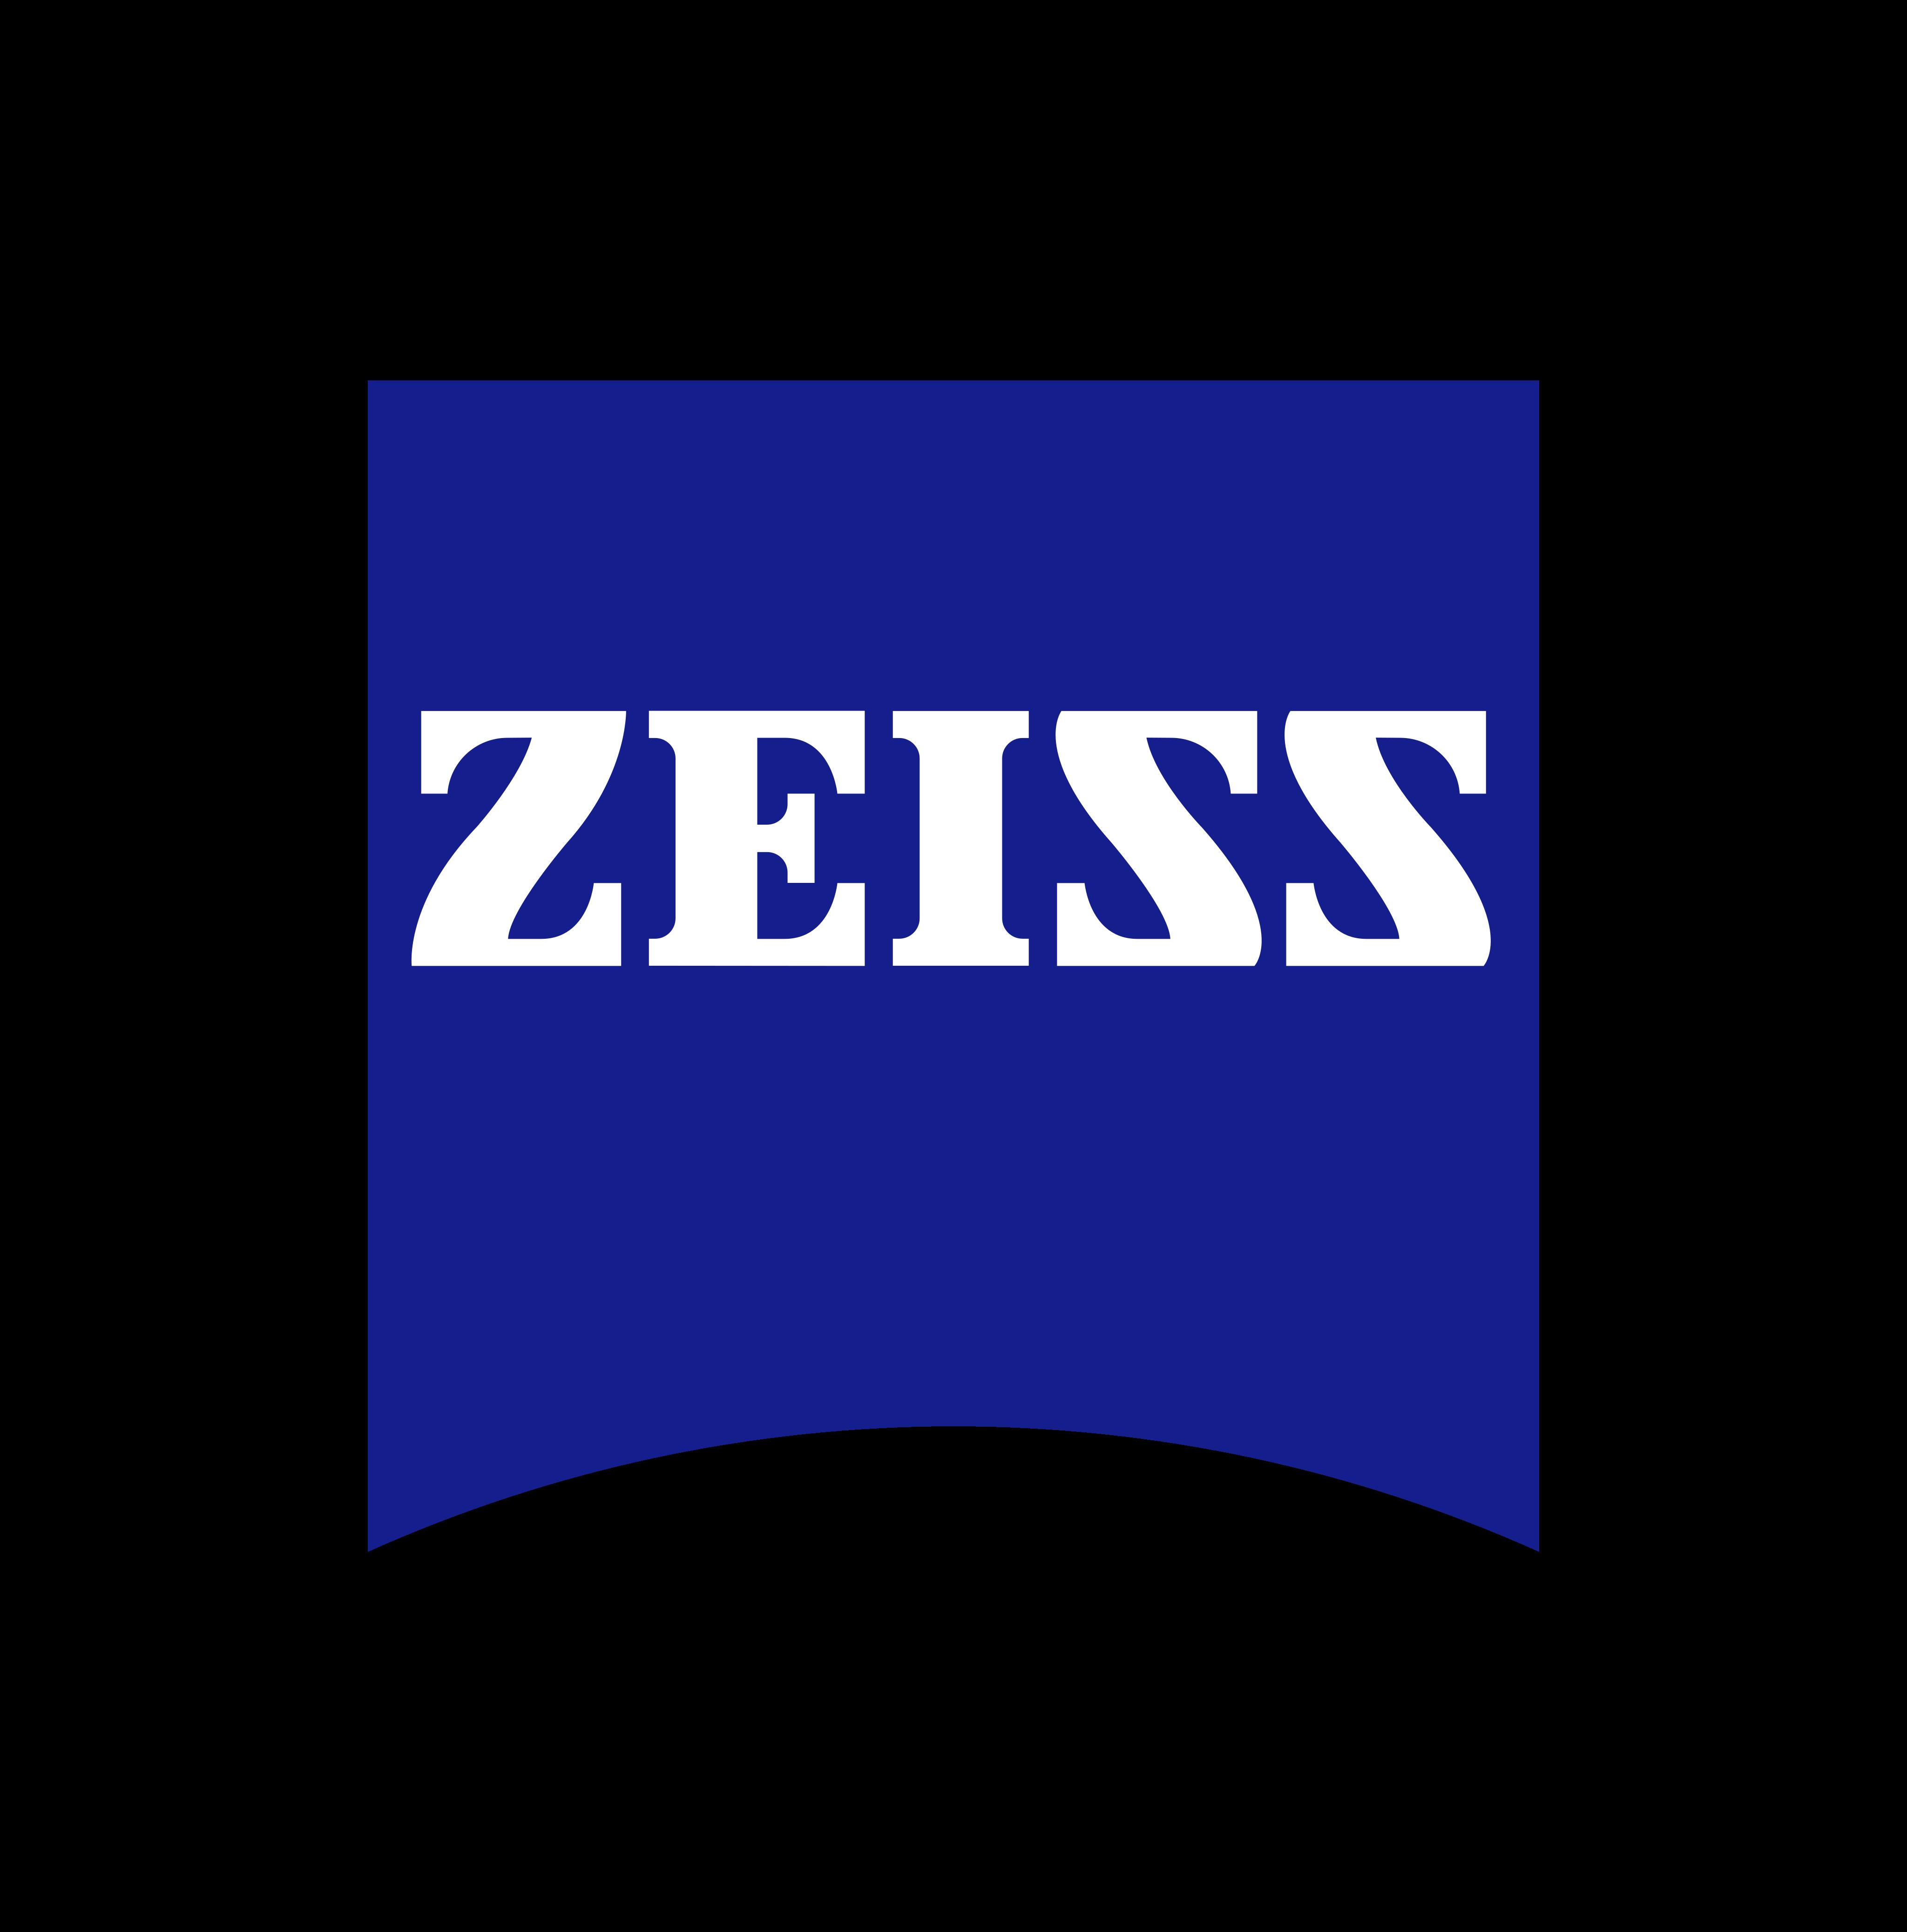 zeiss logo 0 - ZEISS Logo